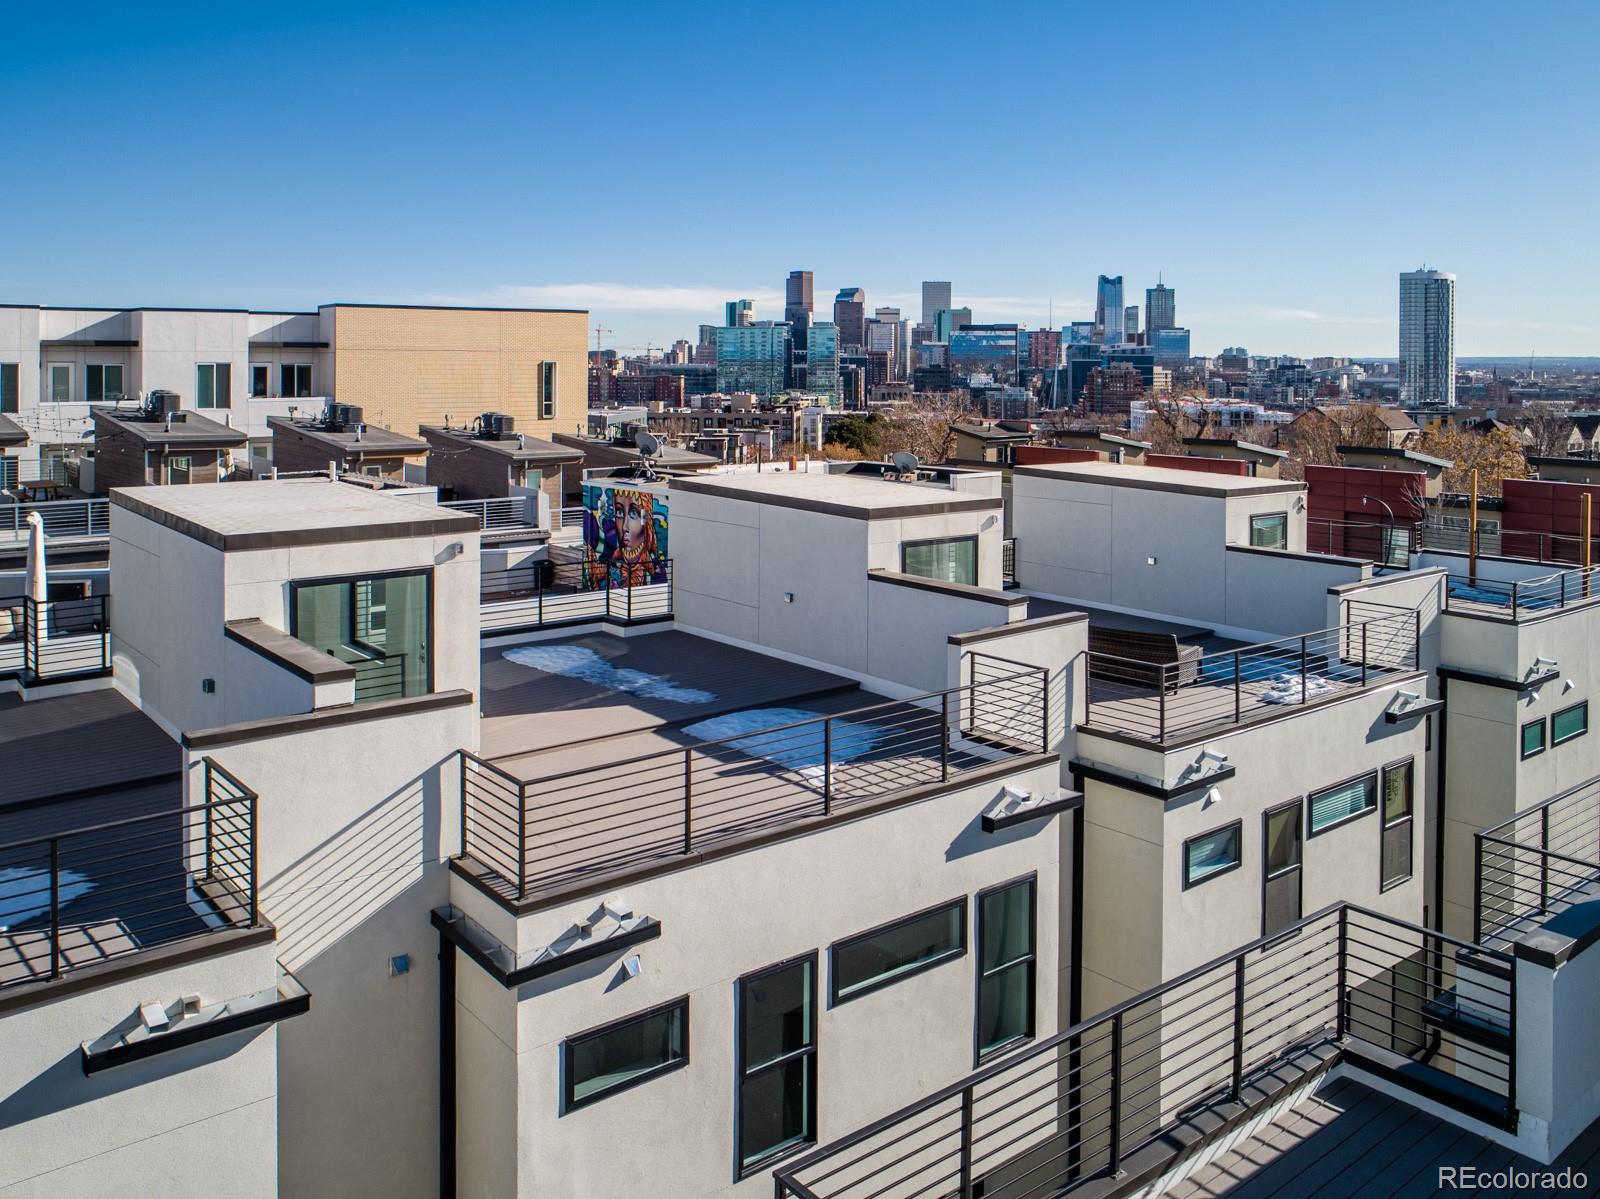 MLS# 6124572 - 12 - 2145 W 32nd Avenue, Denver, CO 80211